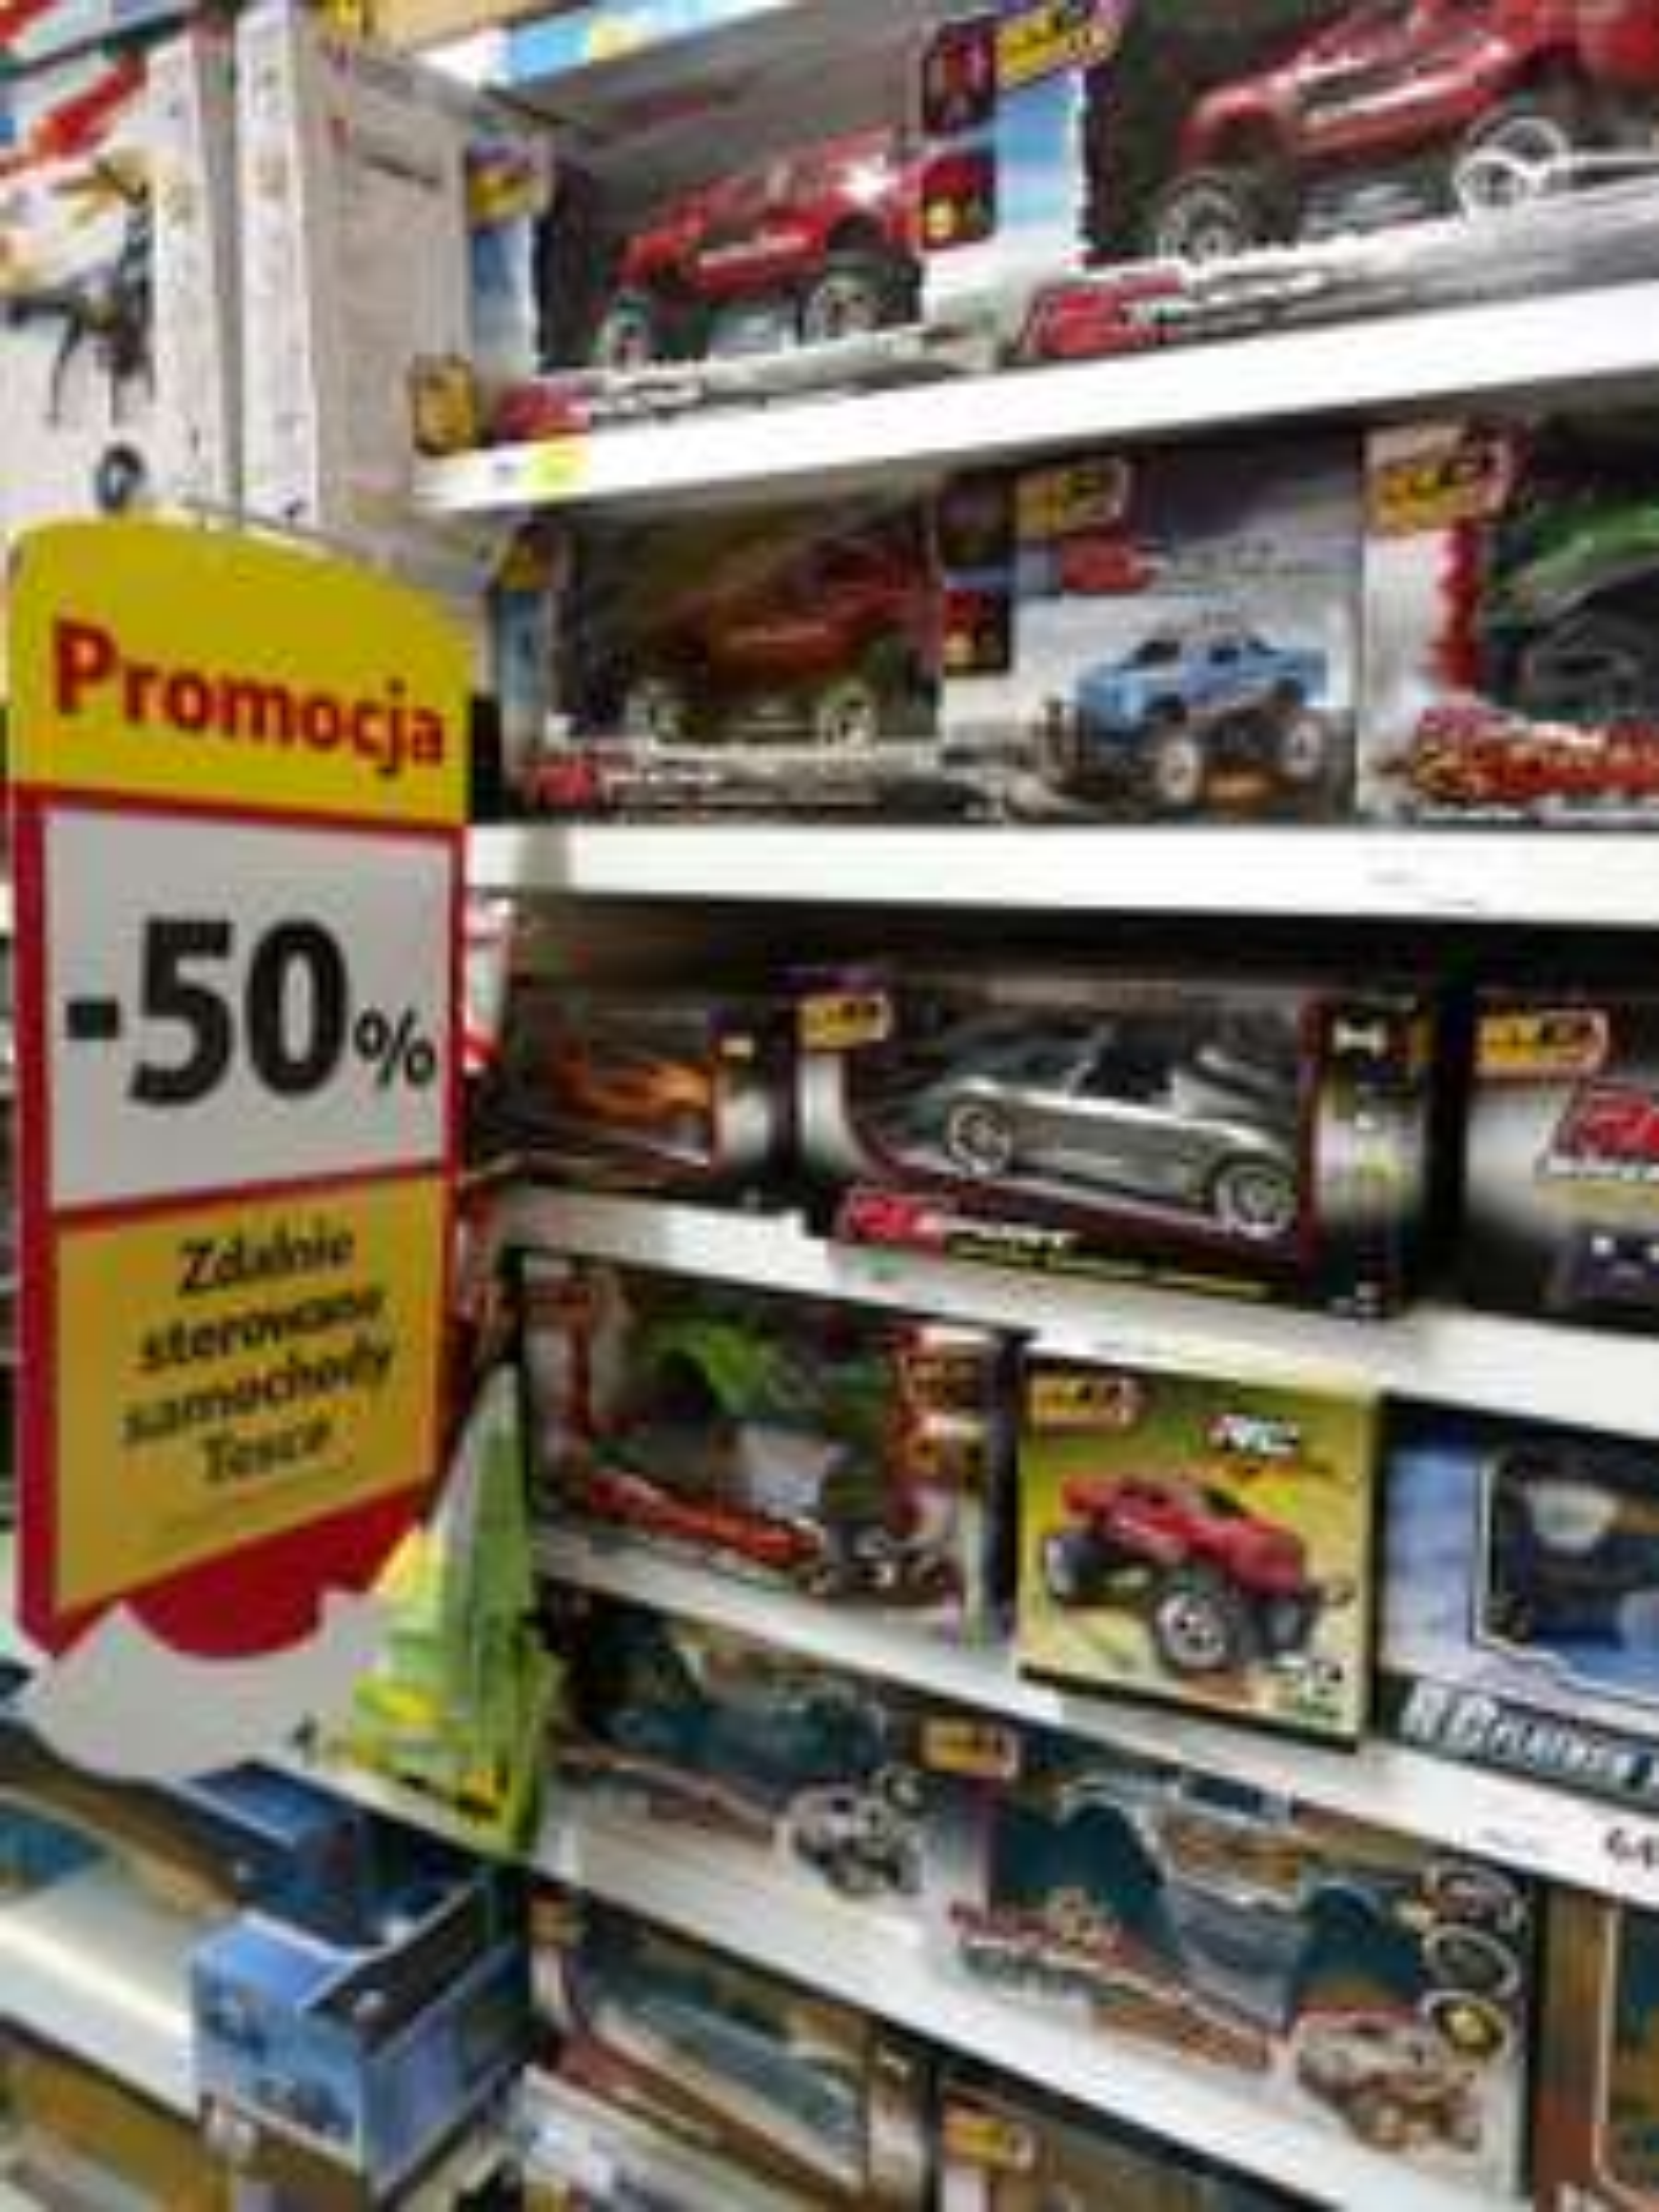 Zdalnie sterowane samochody -50% Tesco